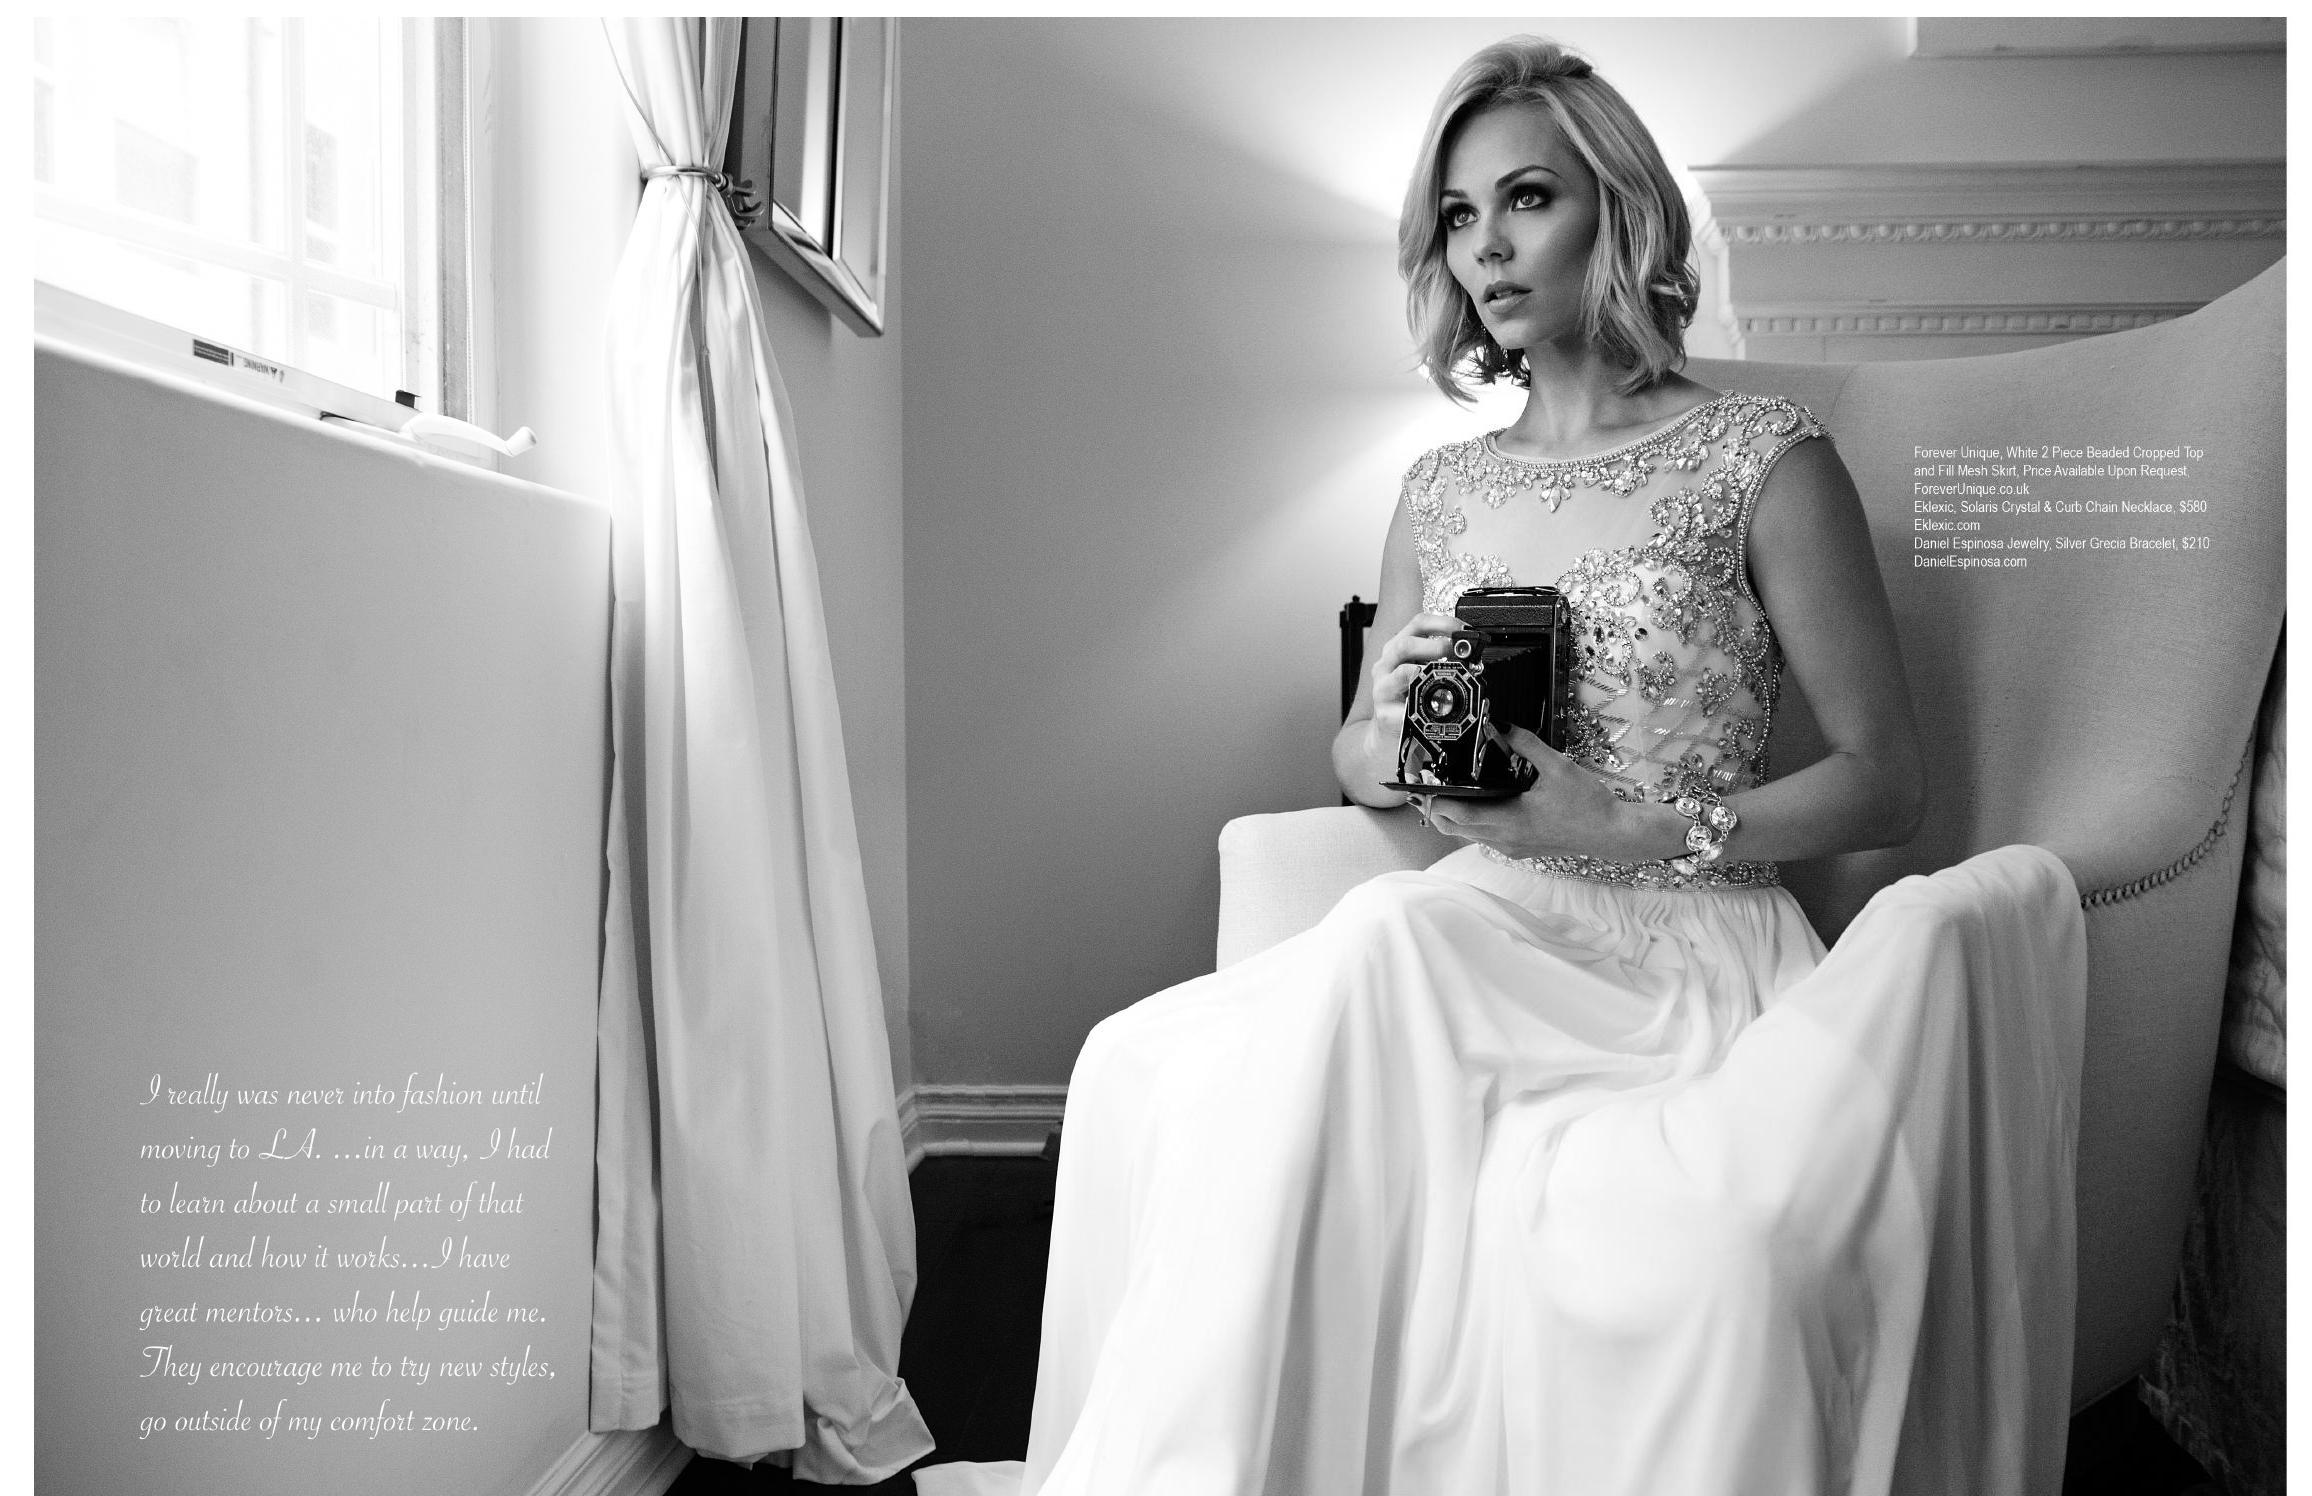 Laura Vandervoort 2015 : Laura Vandervoort: Regard Magazine 2015 -07